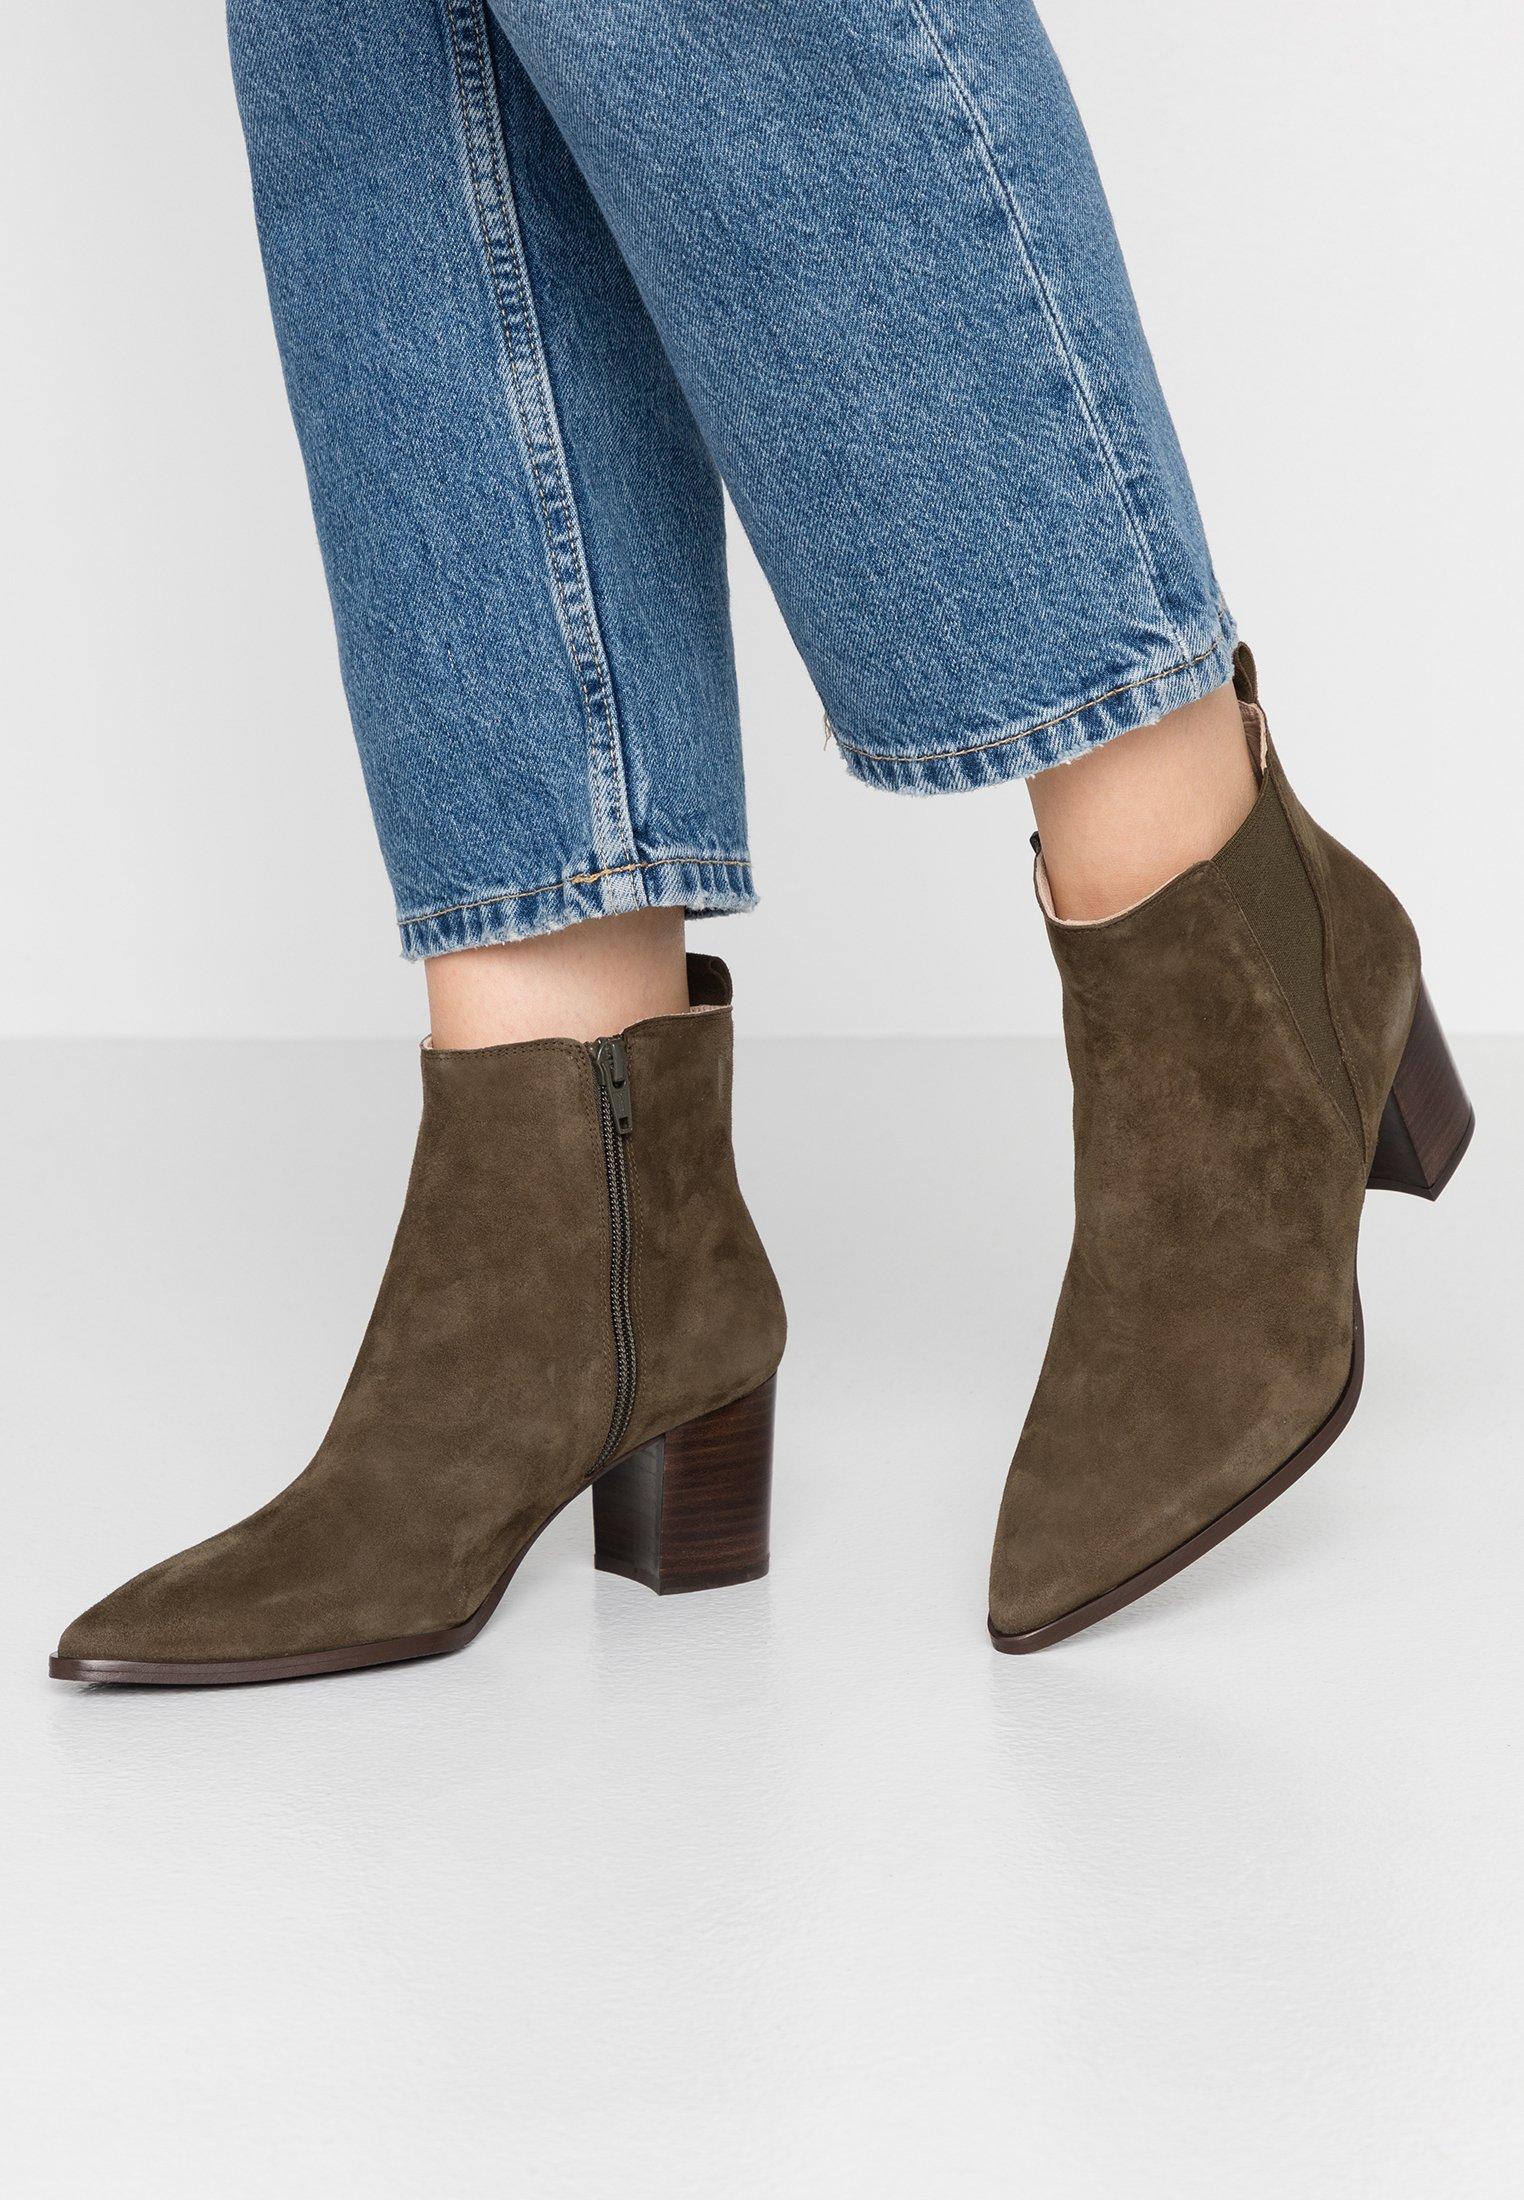 Brenda Zaro Salg | Rabatt på klær og sko på nett | Online på